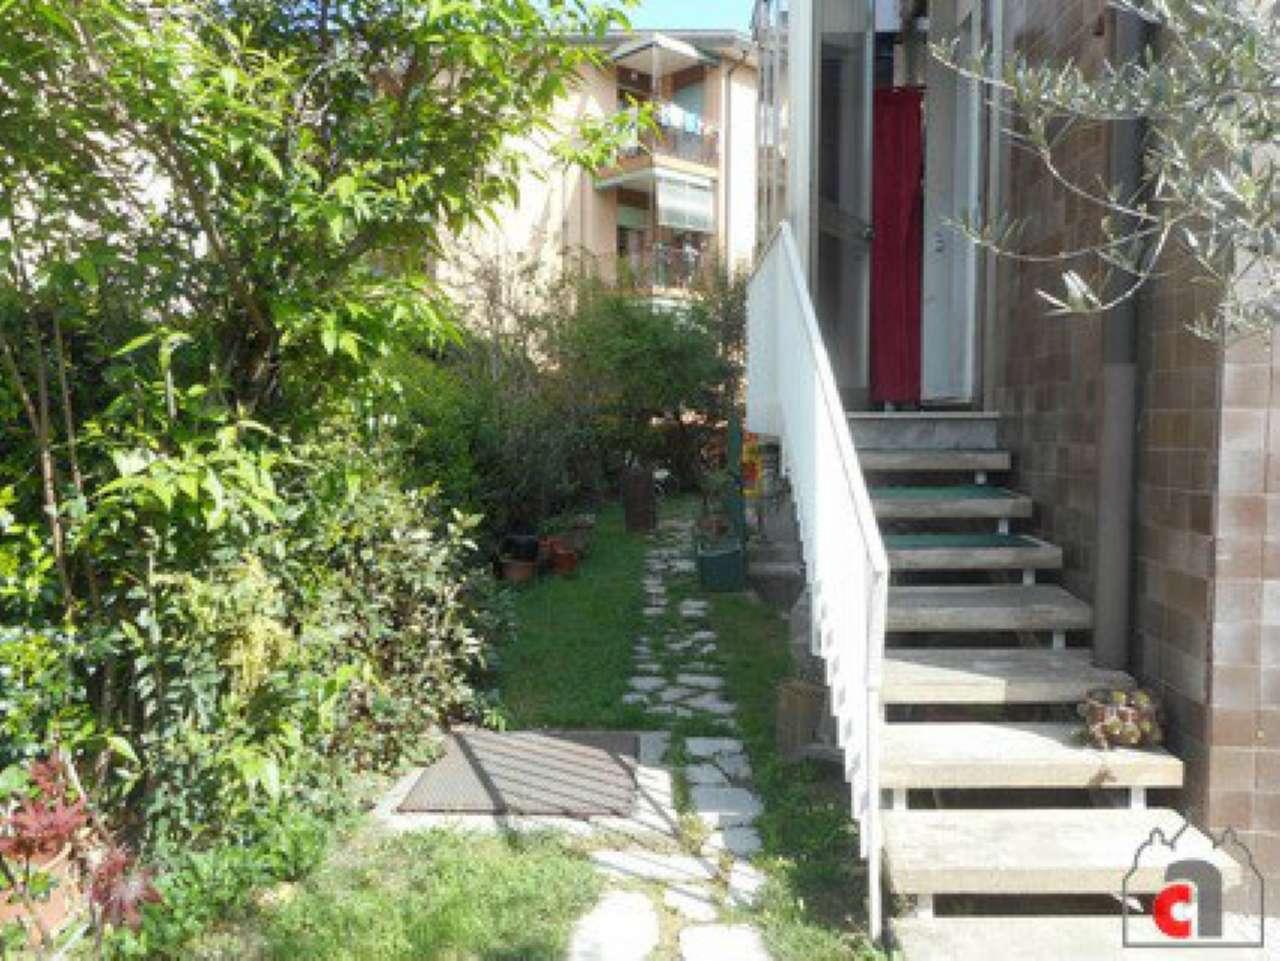 Appartamento in vendita a Padova, 9999 locali, zona Zona: 4 . Sud-Est (S.Croce-S. Osvaldo, Bassanello-Voltabarozzo), prezzo € 255.000 | Cambio Casa.it